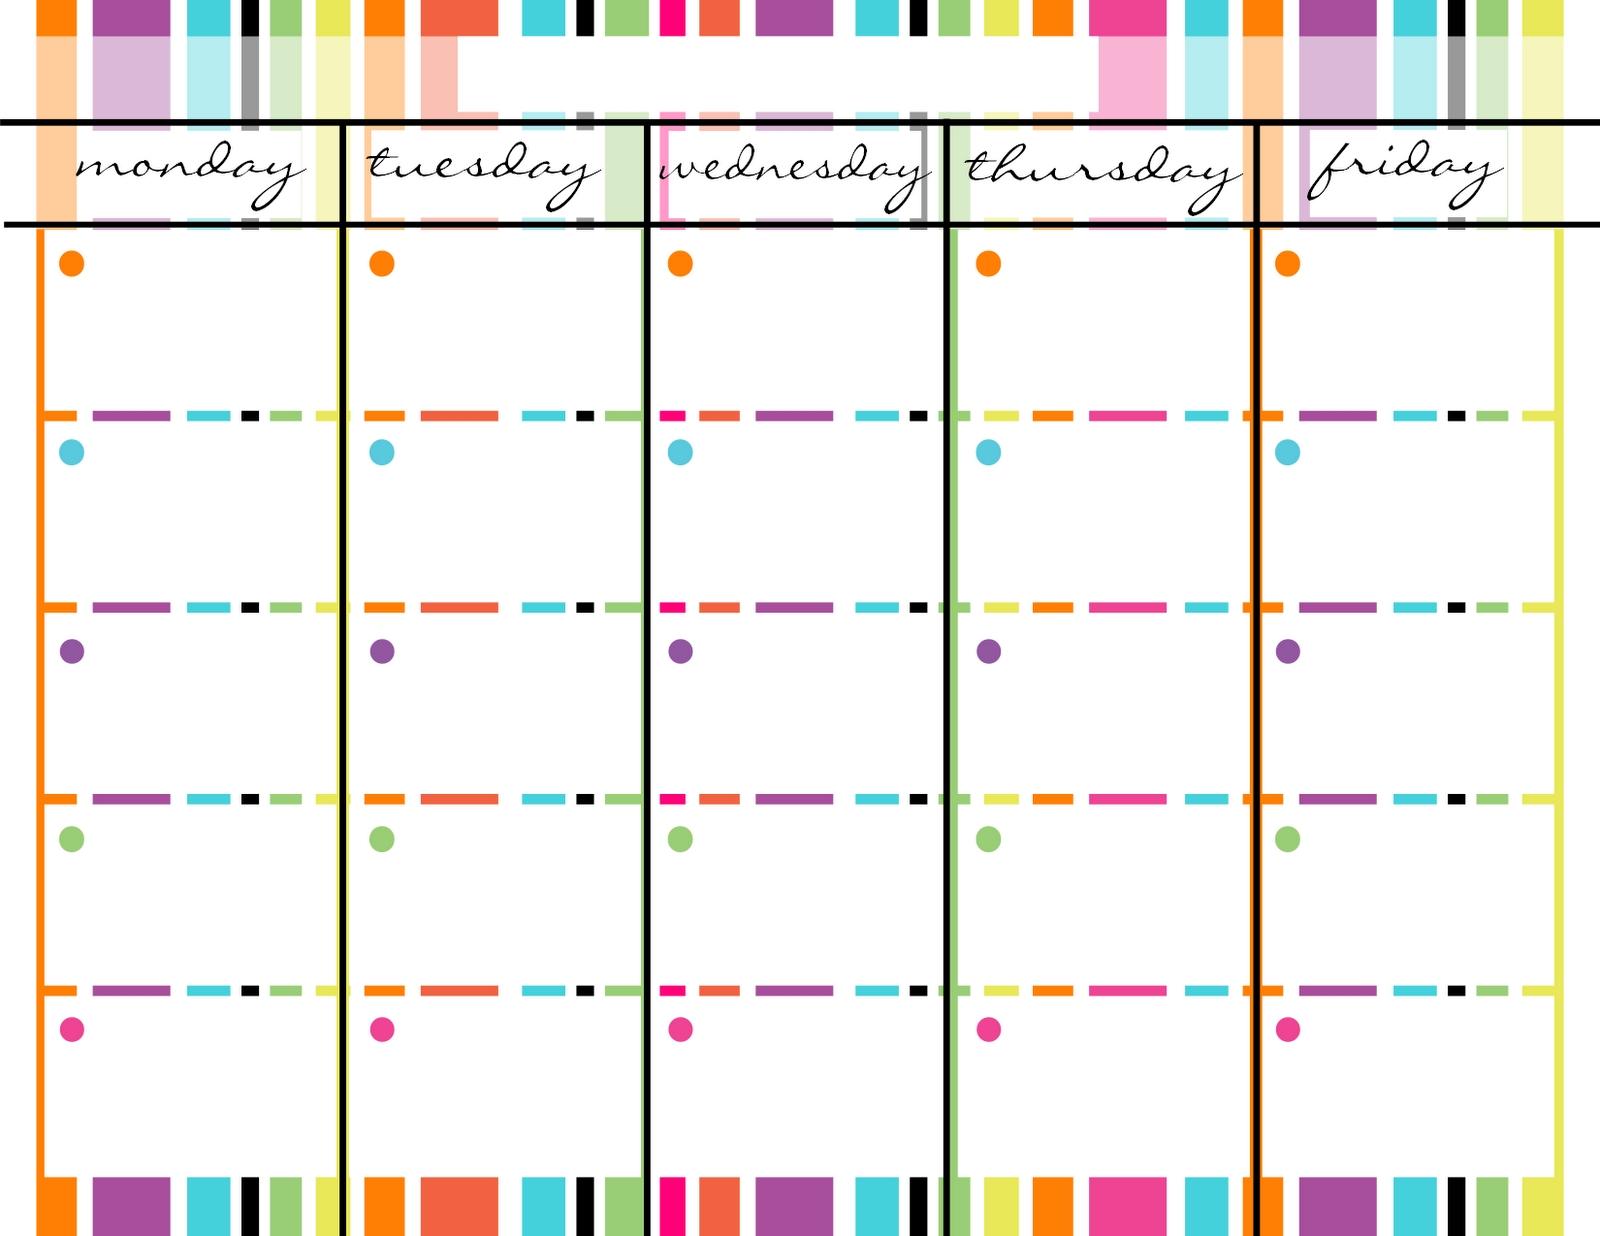 Blank Monday Through Friday Printable Calendar | Calendar